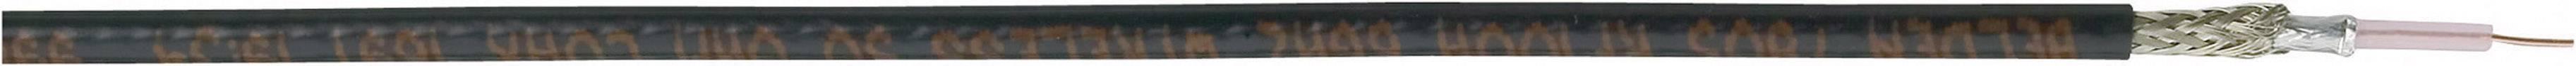 Koaxiálny kábel Belden 7806A, 50 Ohm, metrový tovar, čierna